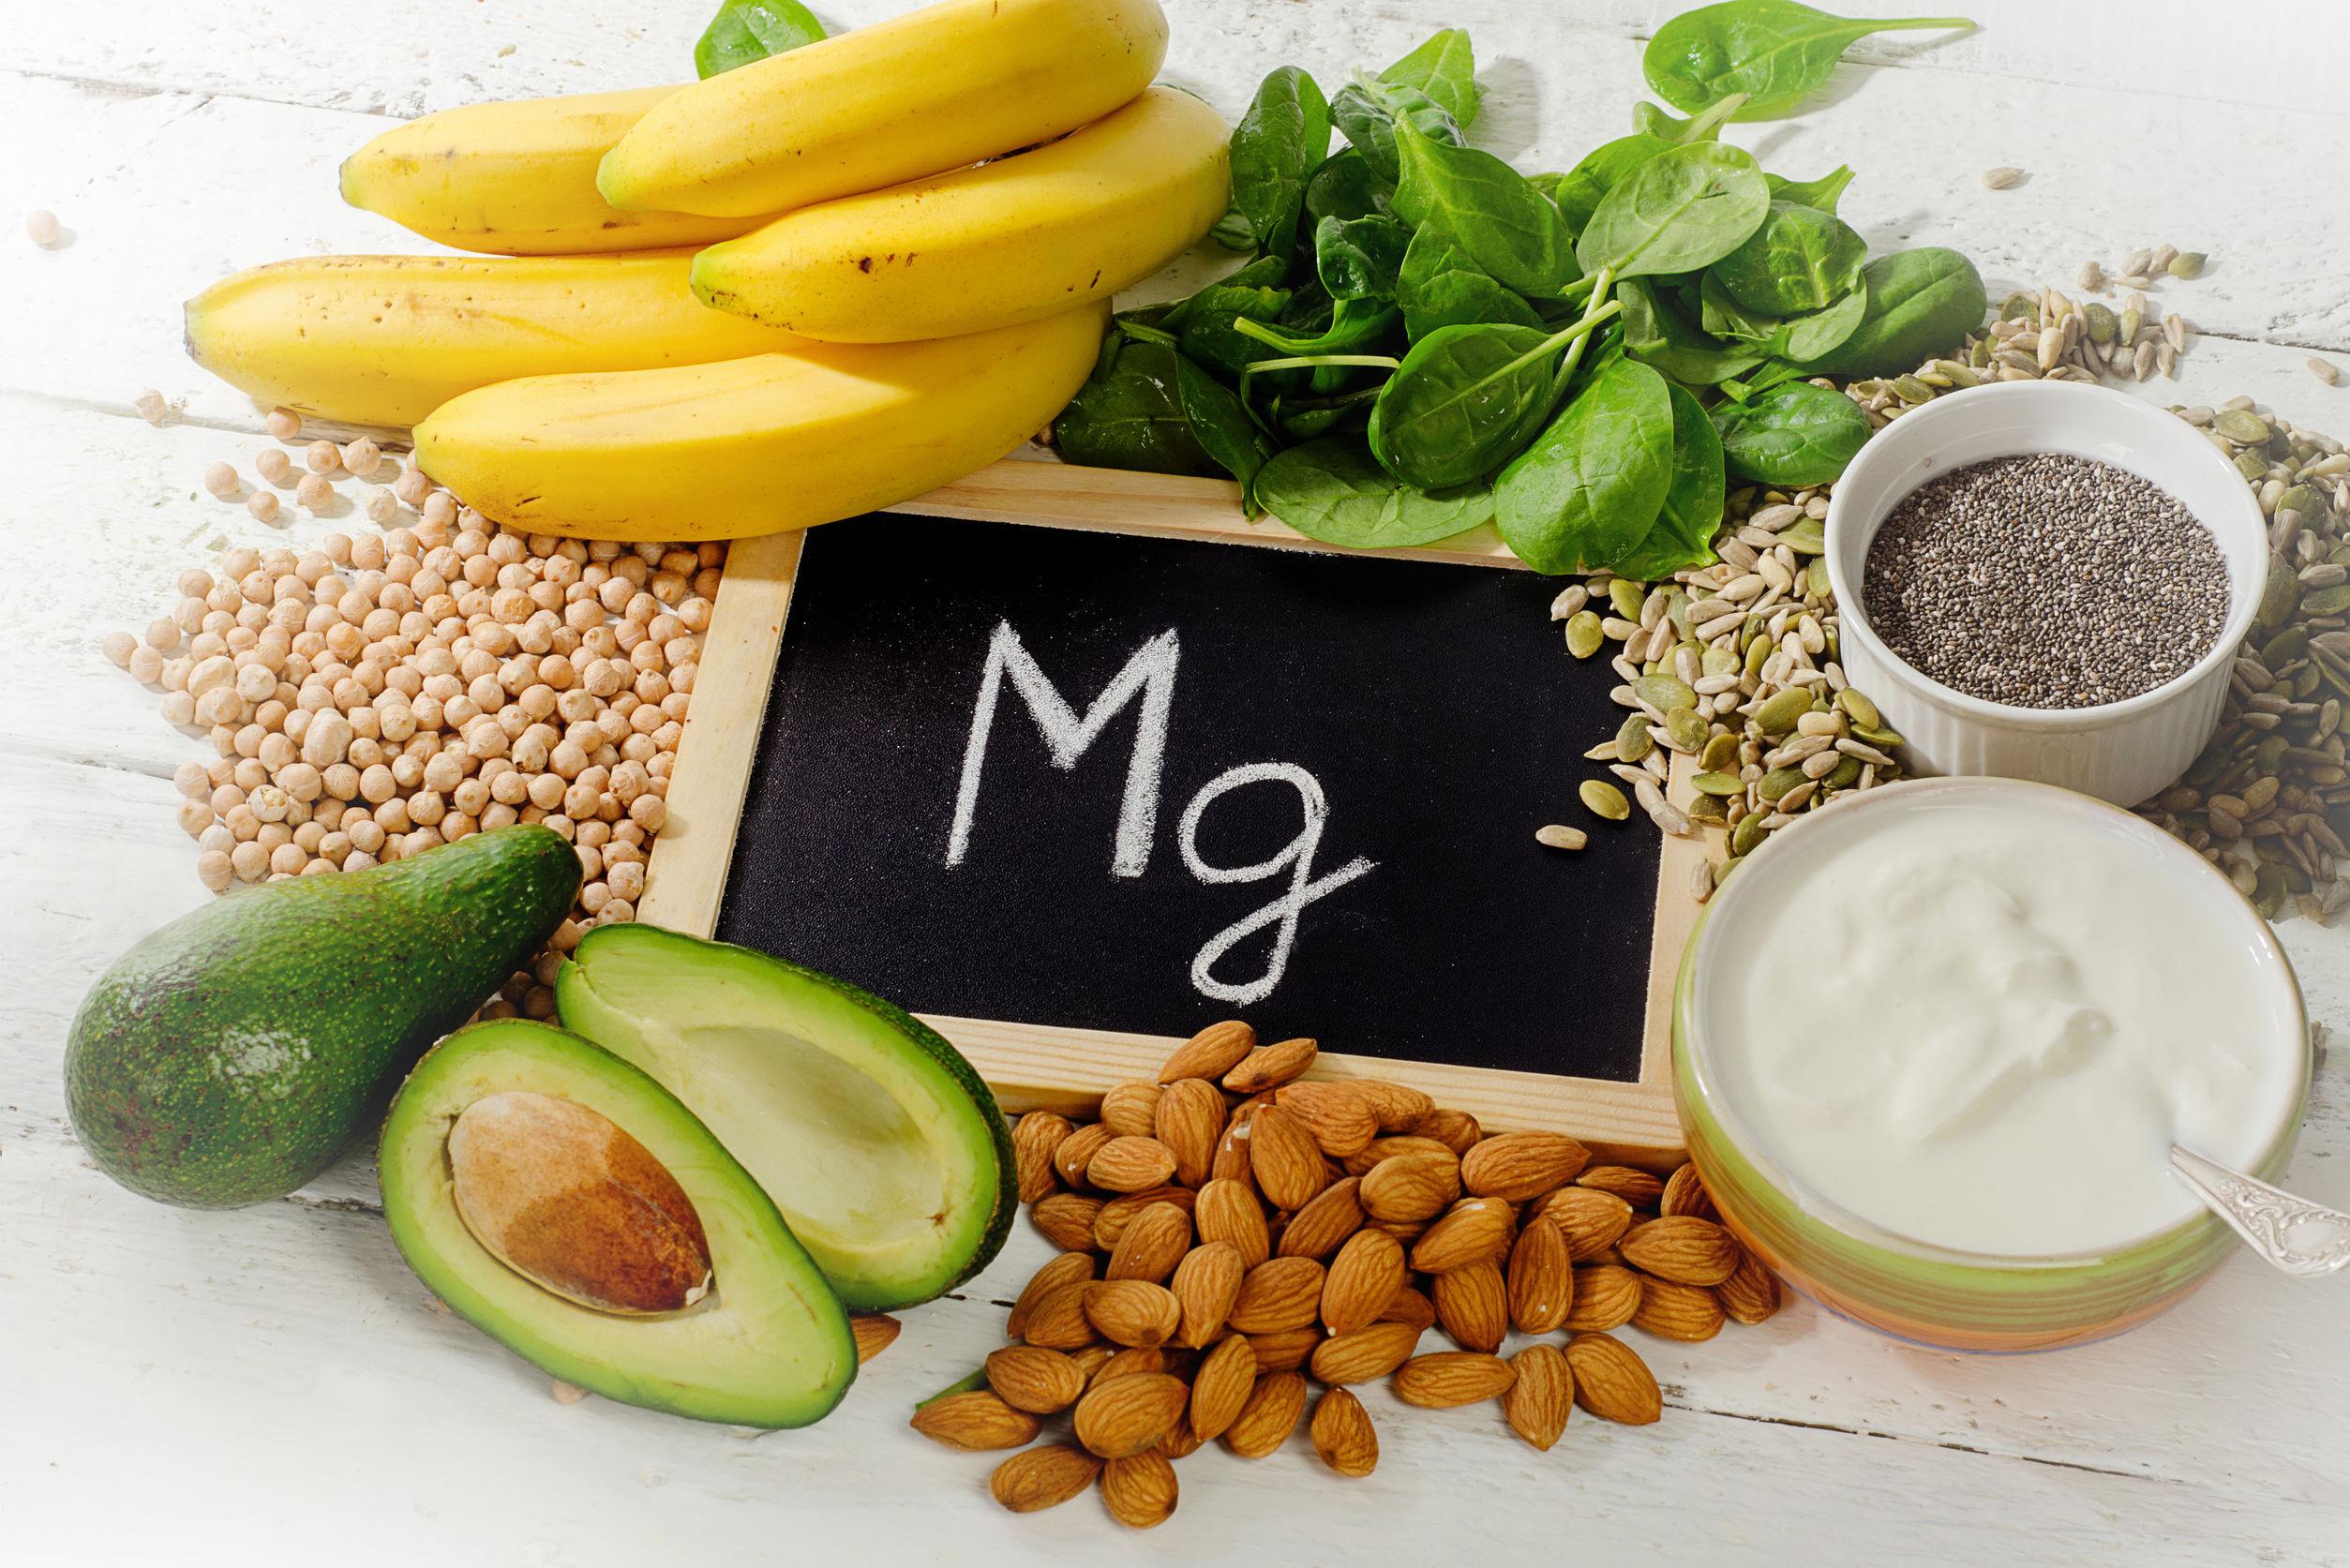 Magnesio en los alimentos: ¿Cuáles contienen más magnesio?